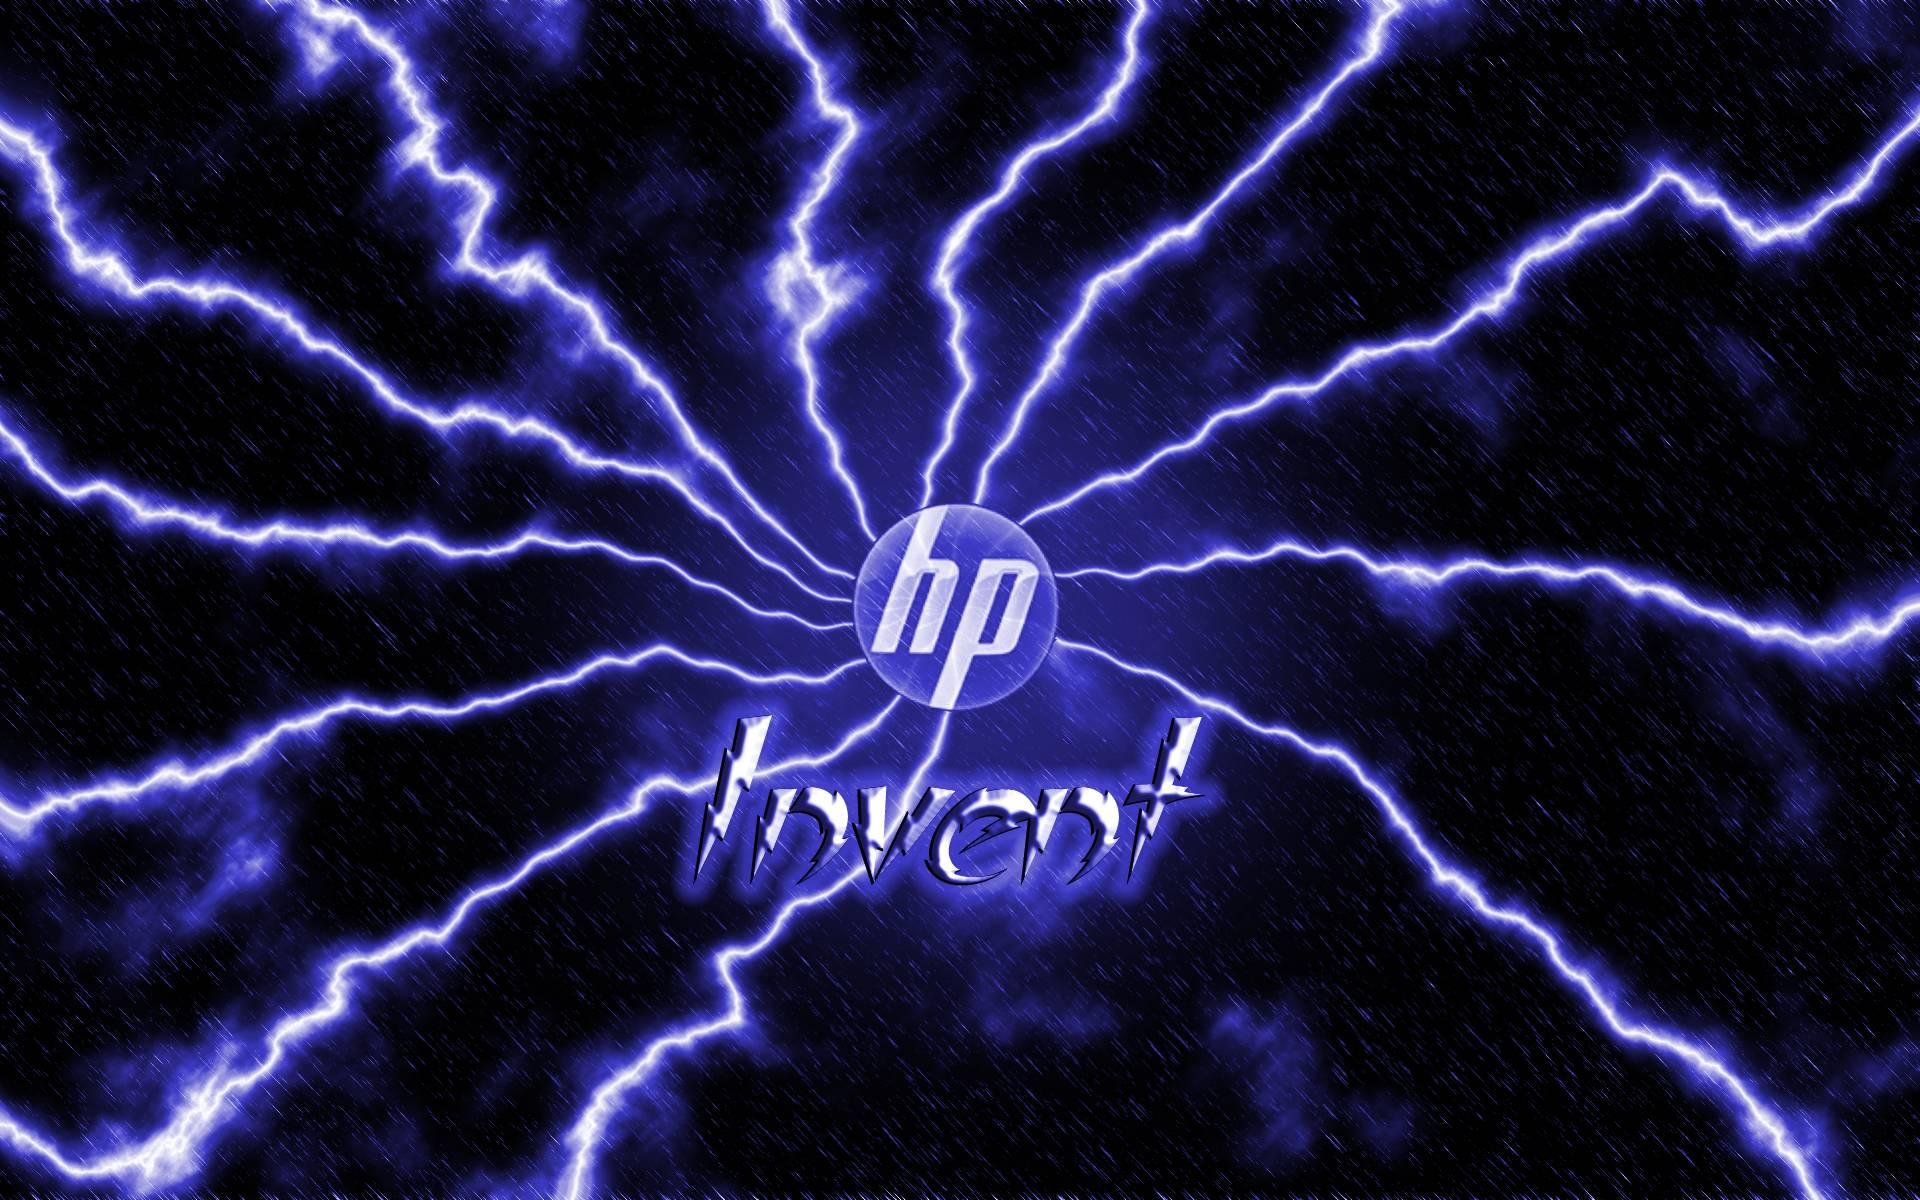 HP invent wallpaper by Derrabe80 on DeviantArt